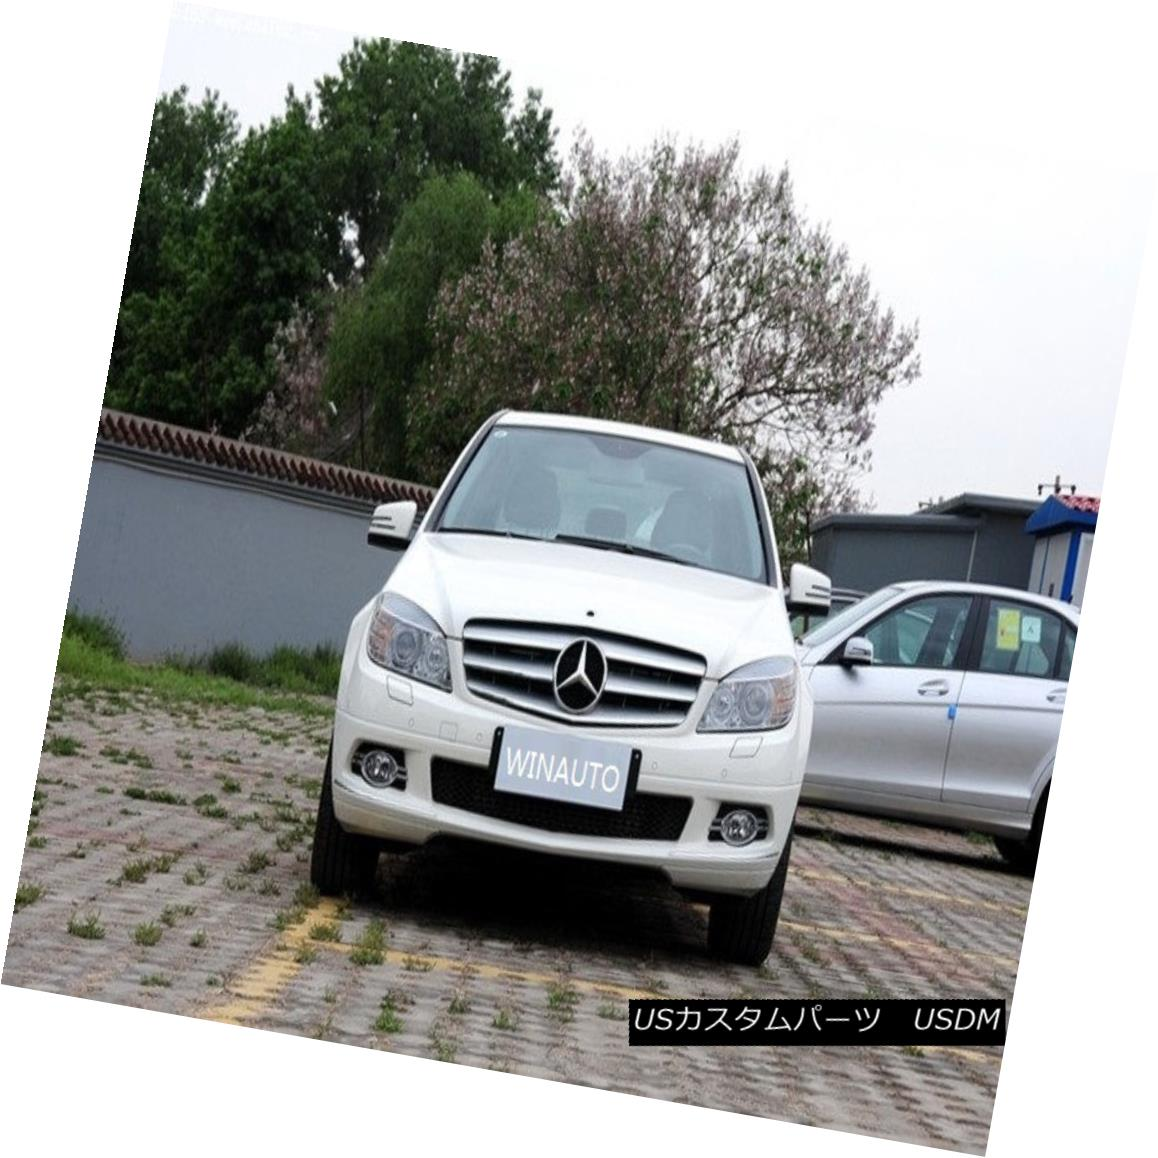 エアロパーツ DRL LED Driving Daytime Running Light For Benz W204 C200 C260 C300 2008-2010 ベンツW204 C200 C260 C300 2008-2010用昼間走行灯を駆動するDRL LED